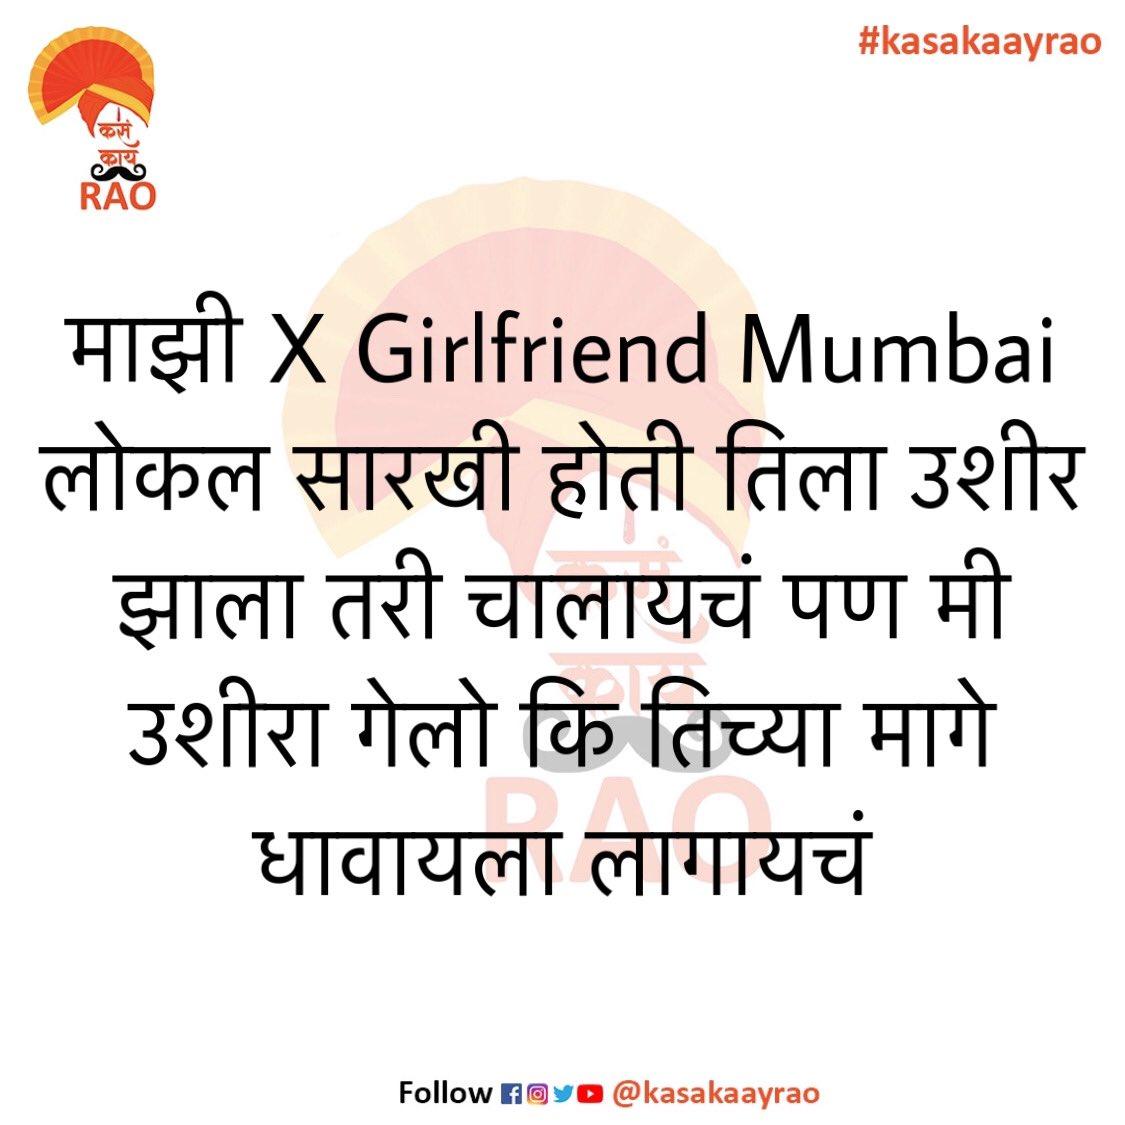 #kasakaayrao #marathimemes #marathipuns #marathi #marathiyoutubechannel #instamemes #funnyposts #memes #entertainment #memesdaily #bhadipa #marathimeme #marathihumor #relatablememes #relatablemarathitalespic.twitter.com/dMftpb5AzL